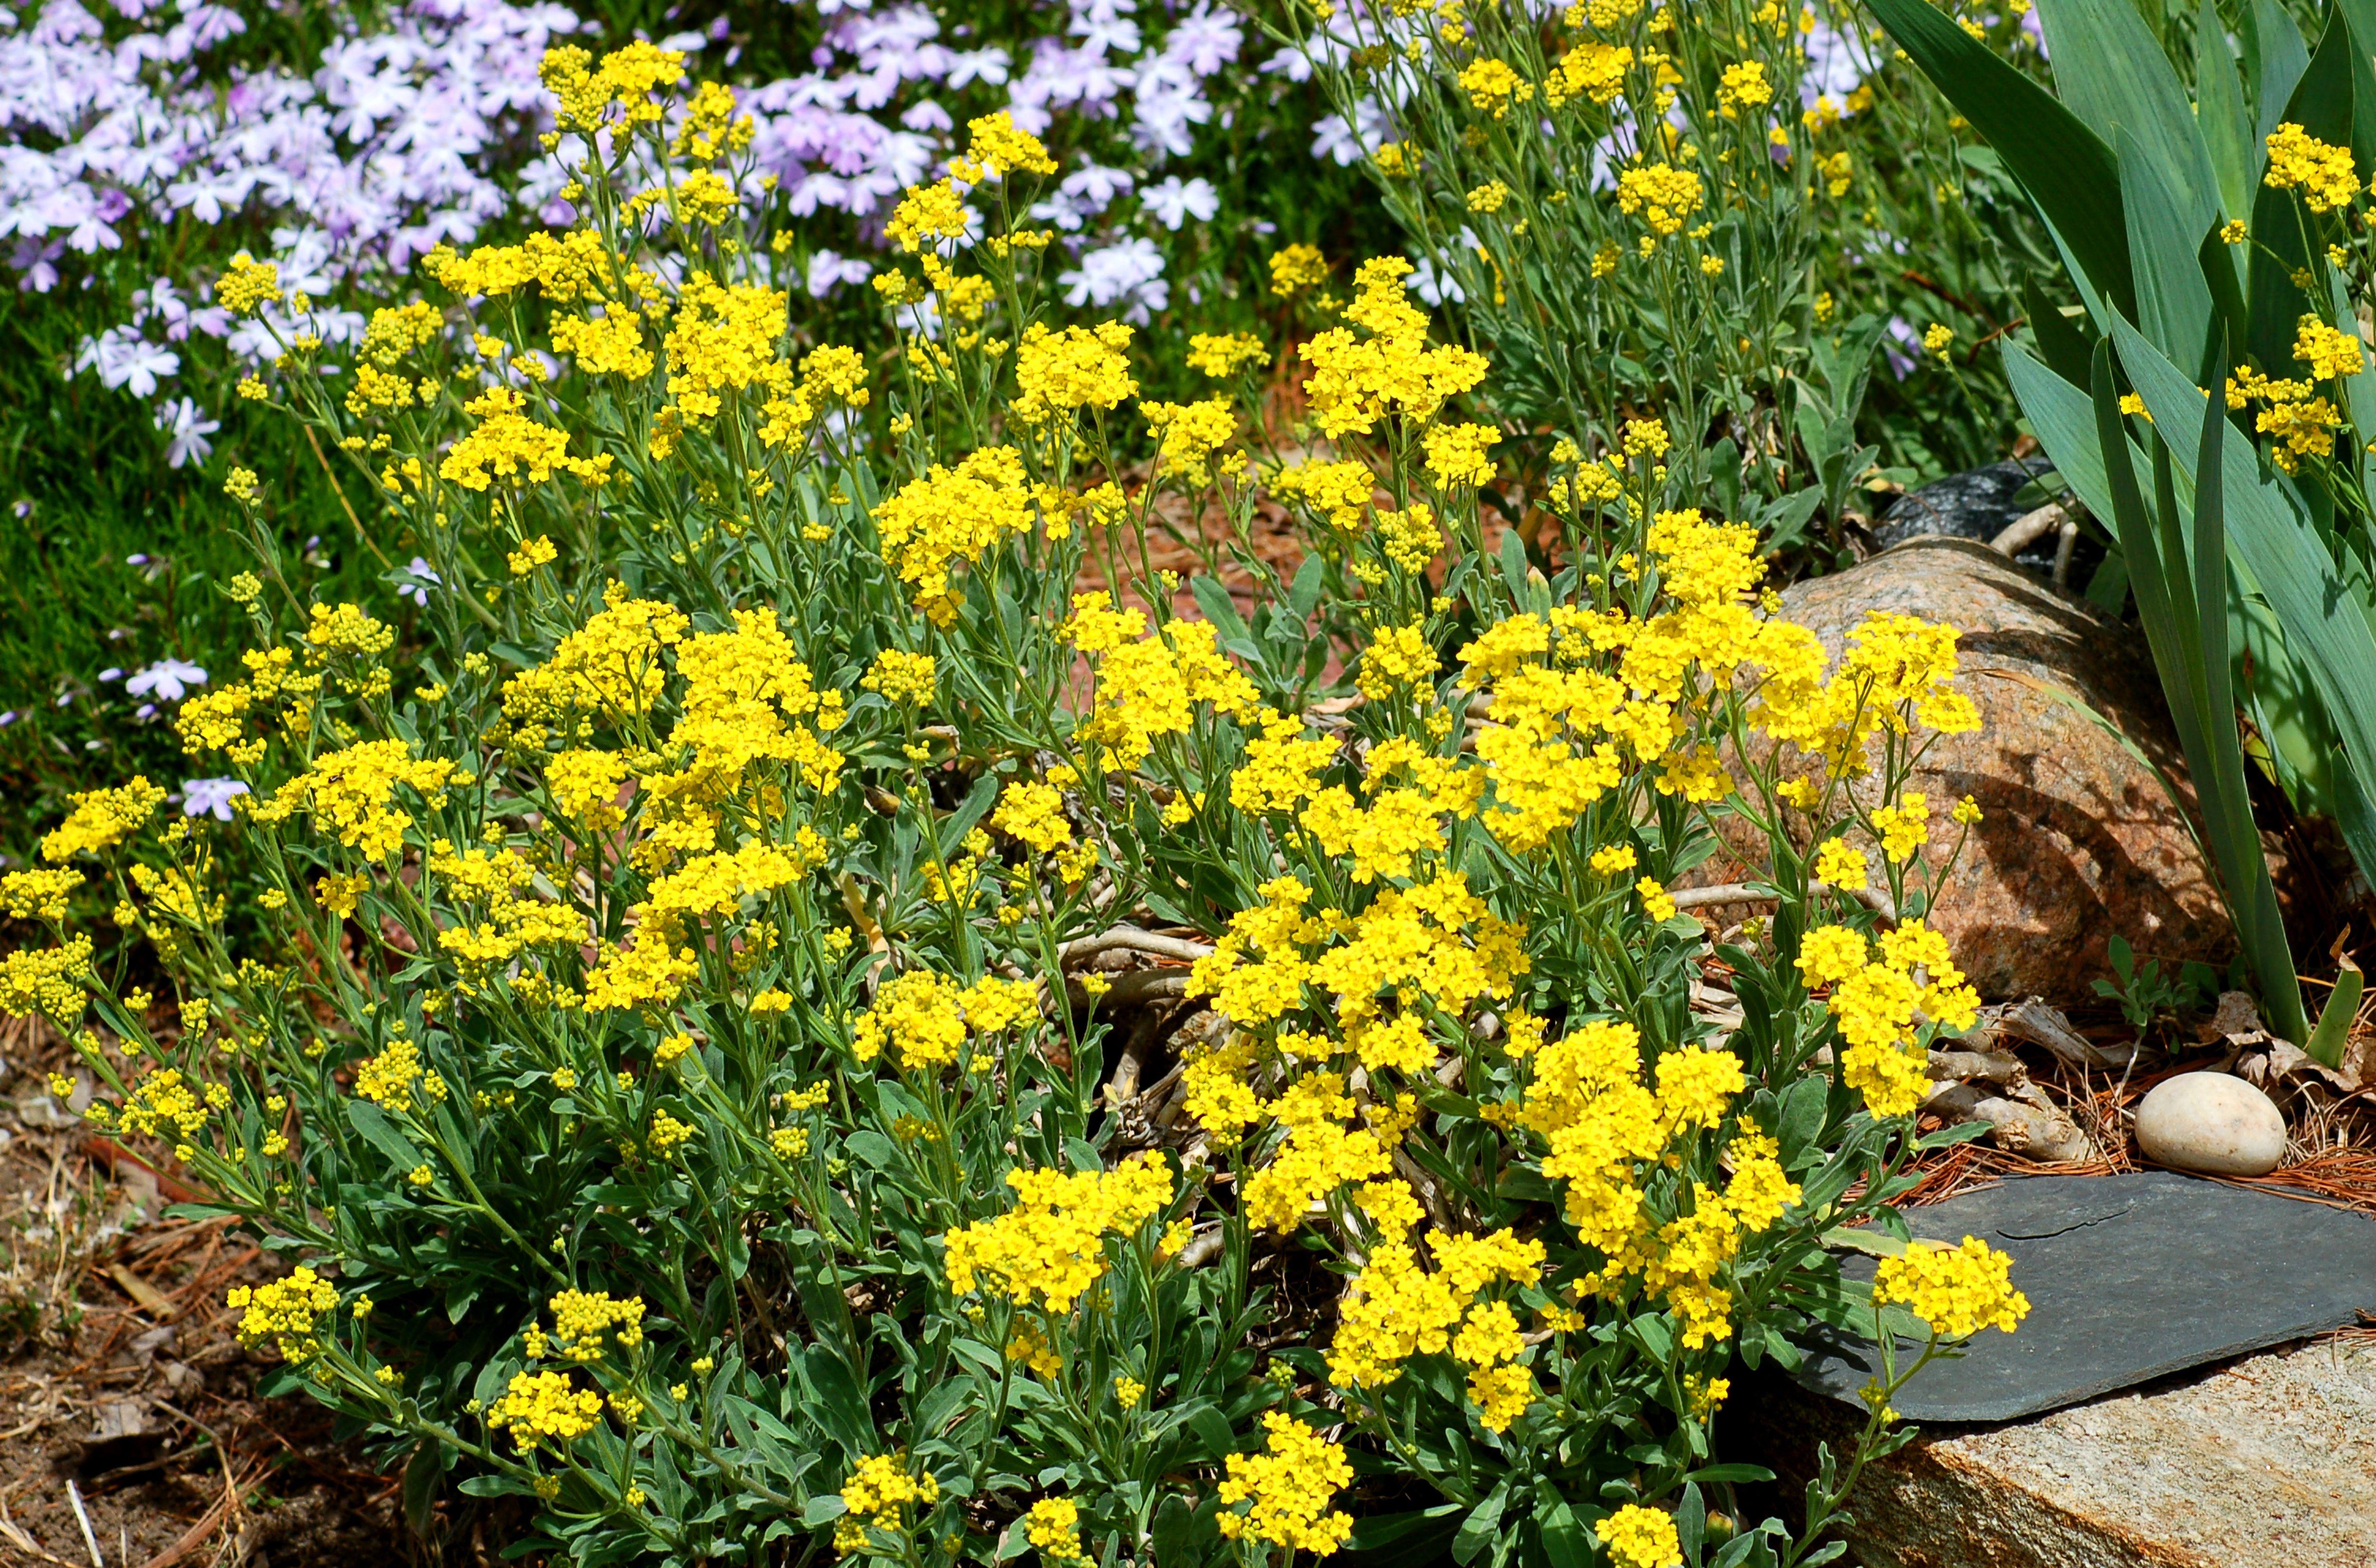 Aliso amarillo en flor con flox en el fondo